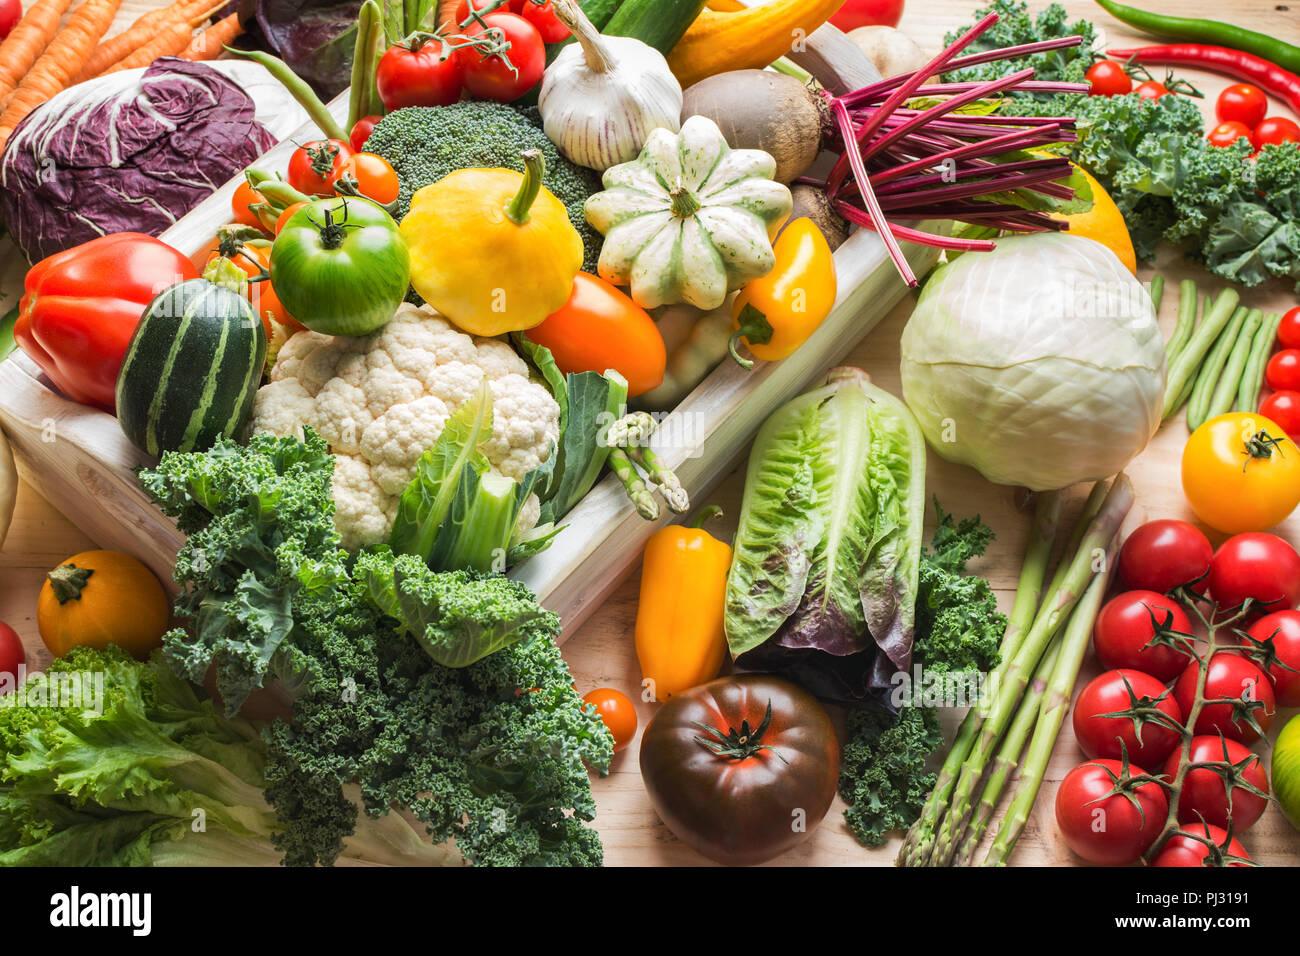 Sortiment an frischen bunten Bio Gemüse in Weiß Fach auf Holz Kiefer Tisch, essen Hintergrund, selektiver Fokus Stockbild